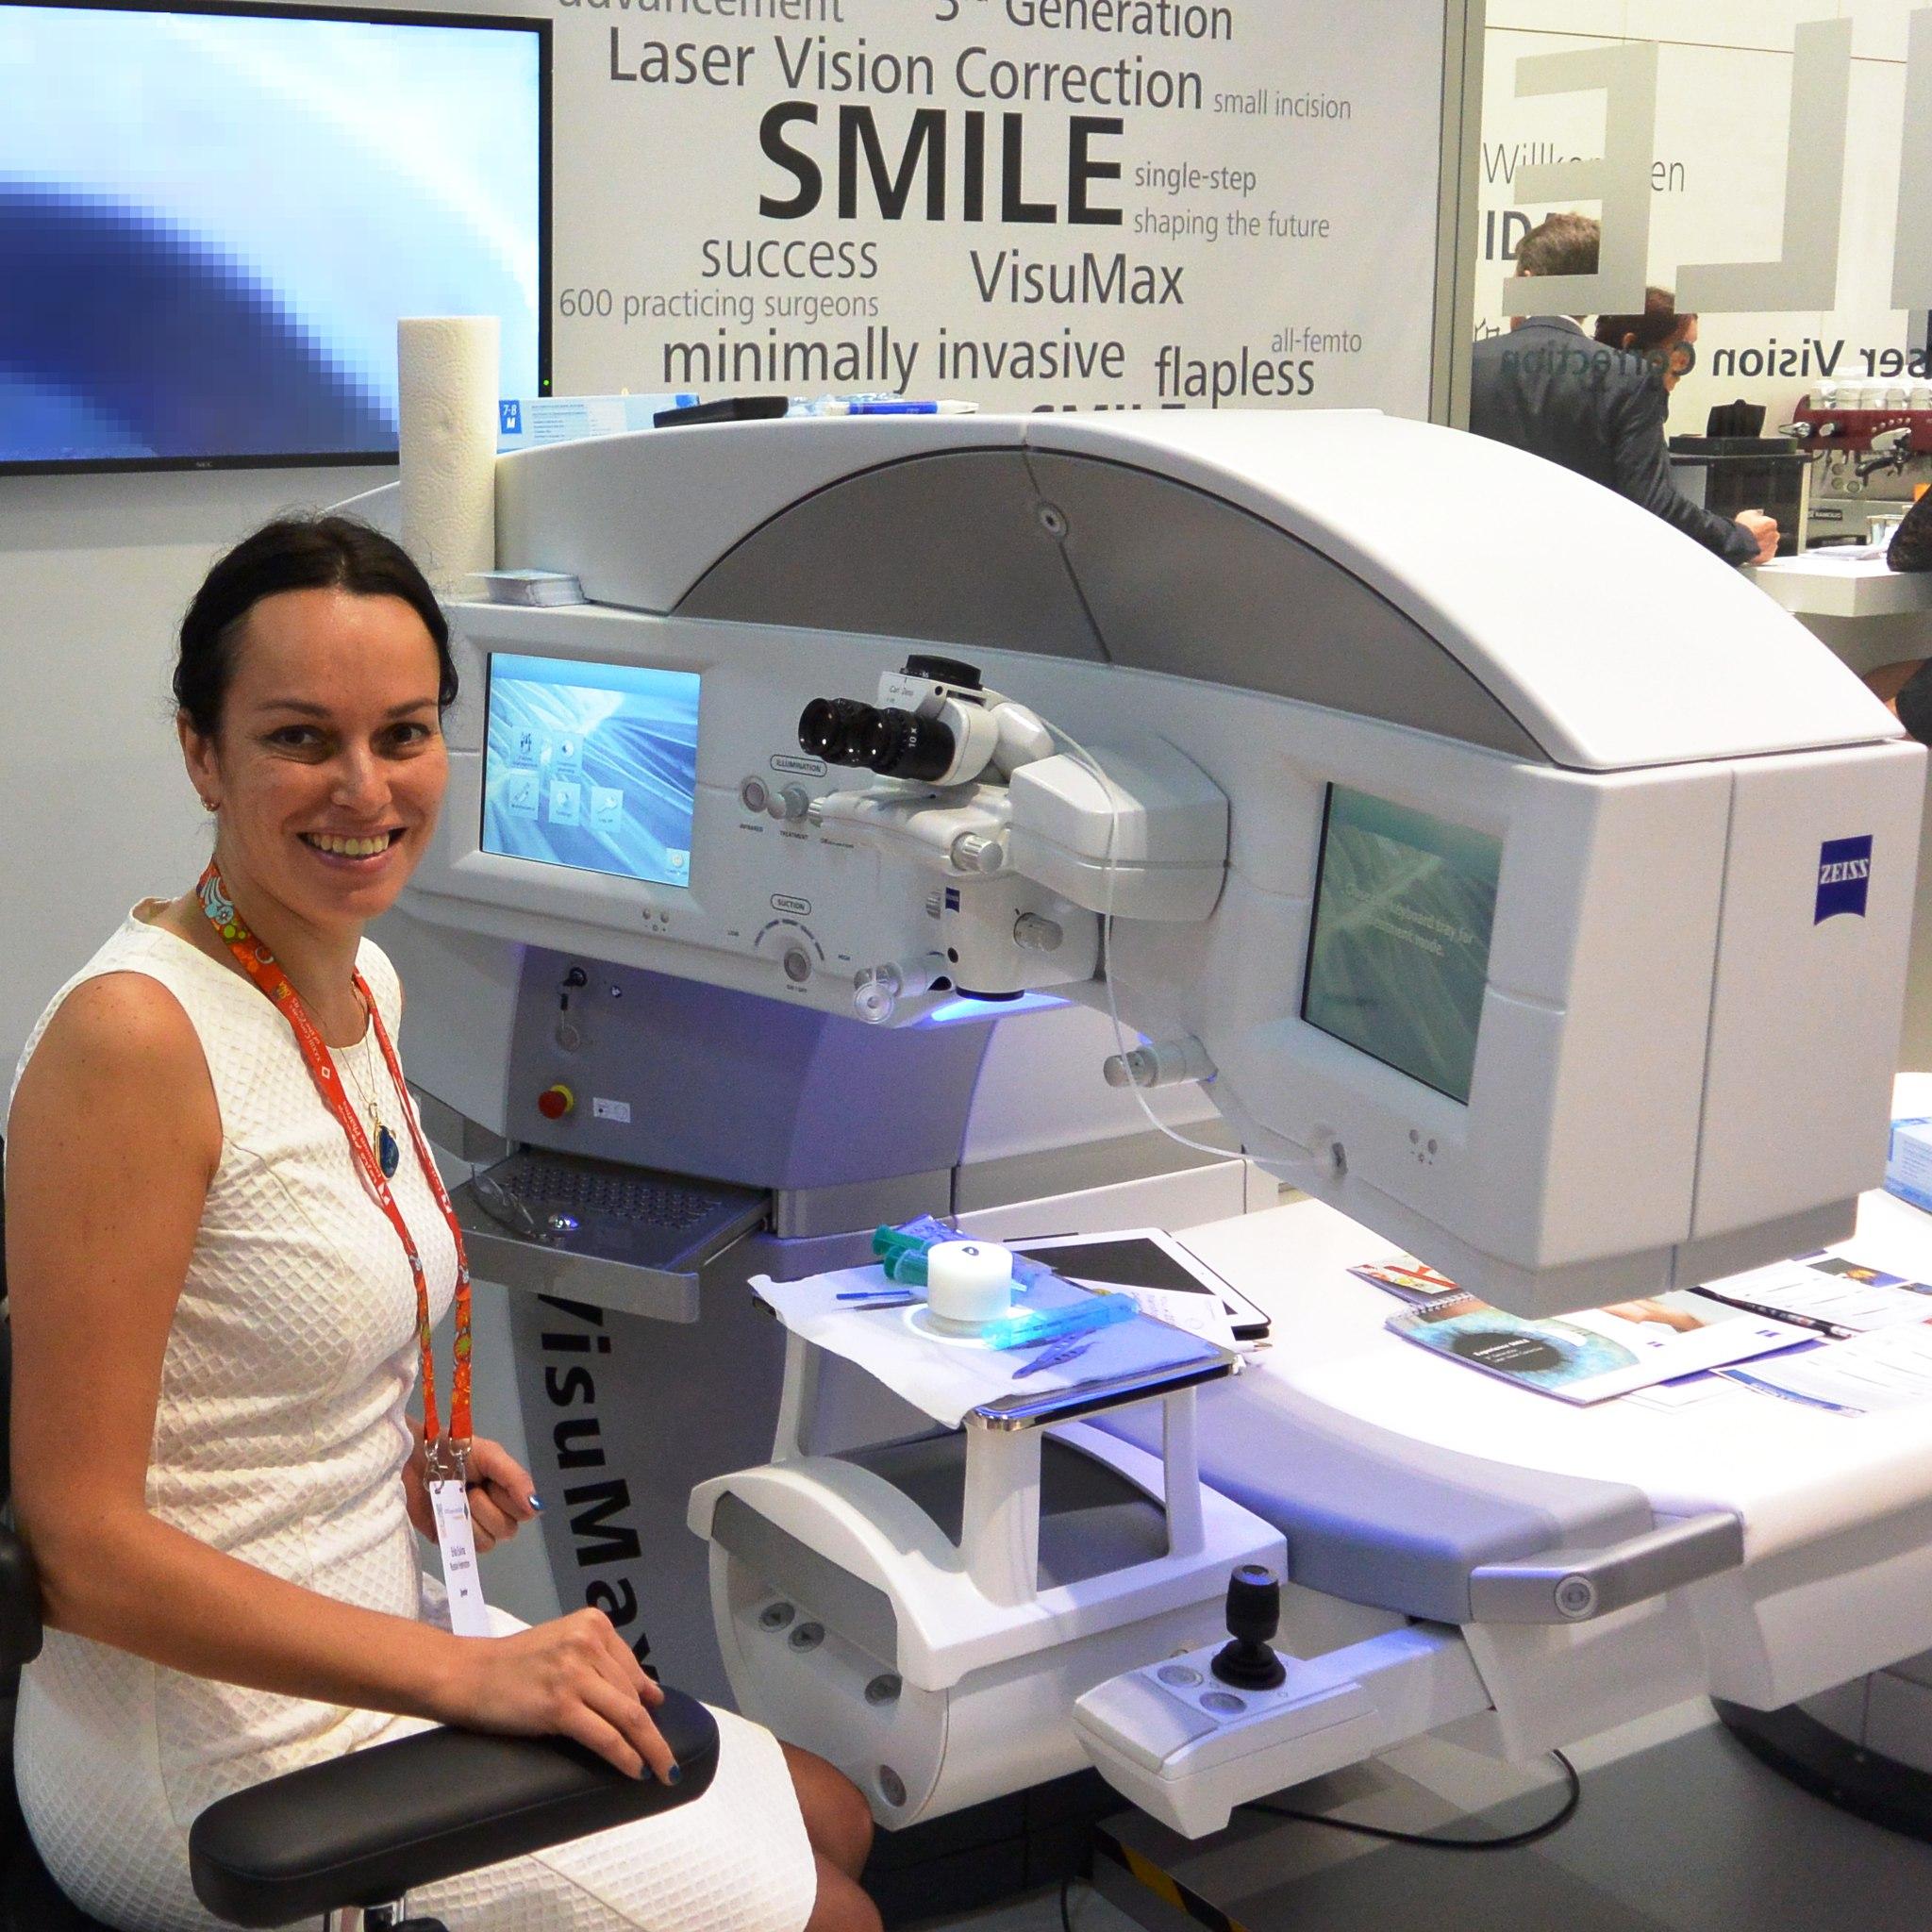 Профессор Эскина в лаборатории на конгрессе офтальмологов в Барселоне объясняет коллегам, как достигать 100% зрения при помощи лазера VisuMax Zeiss. Сентябрь 2015.